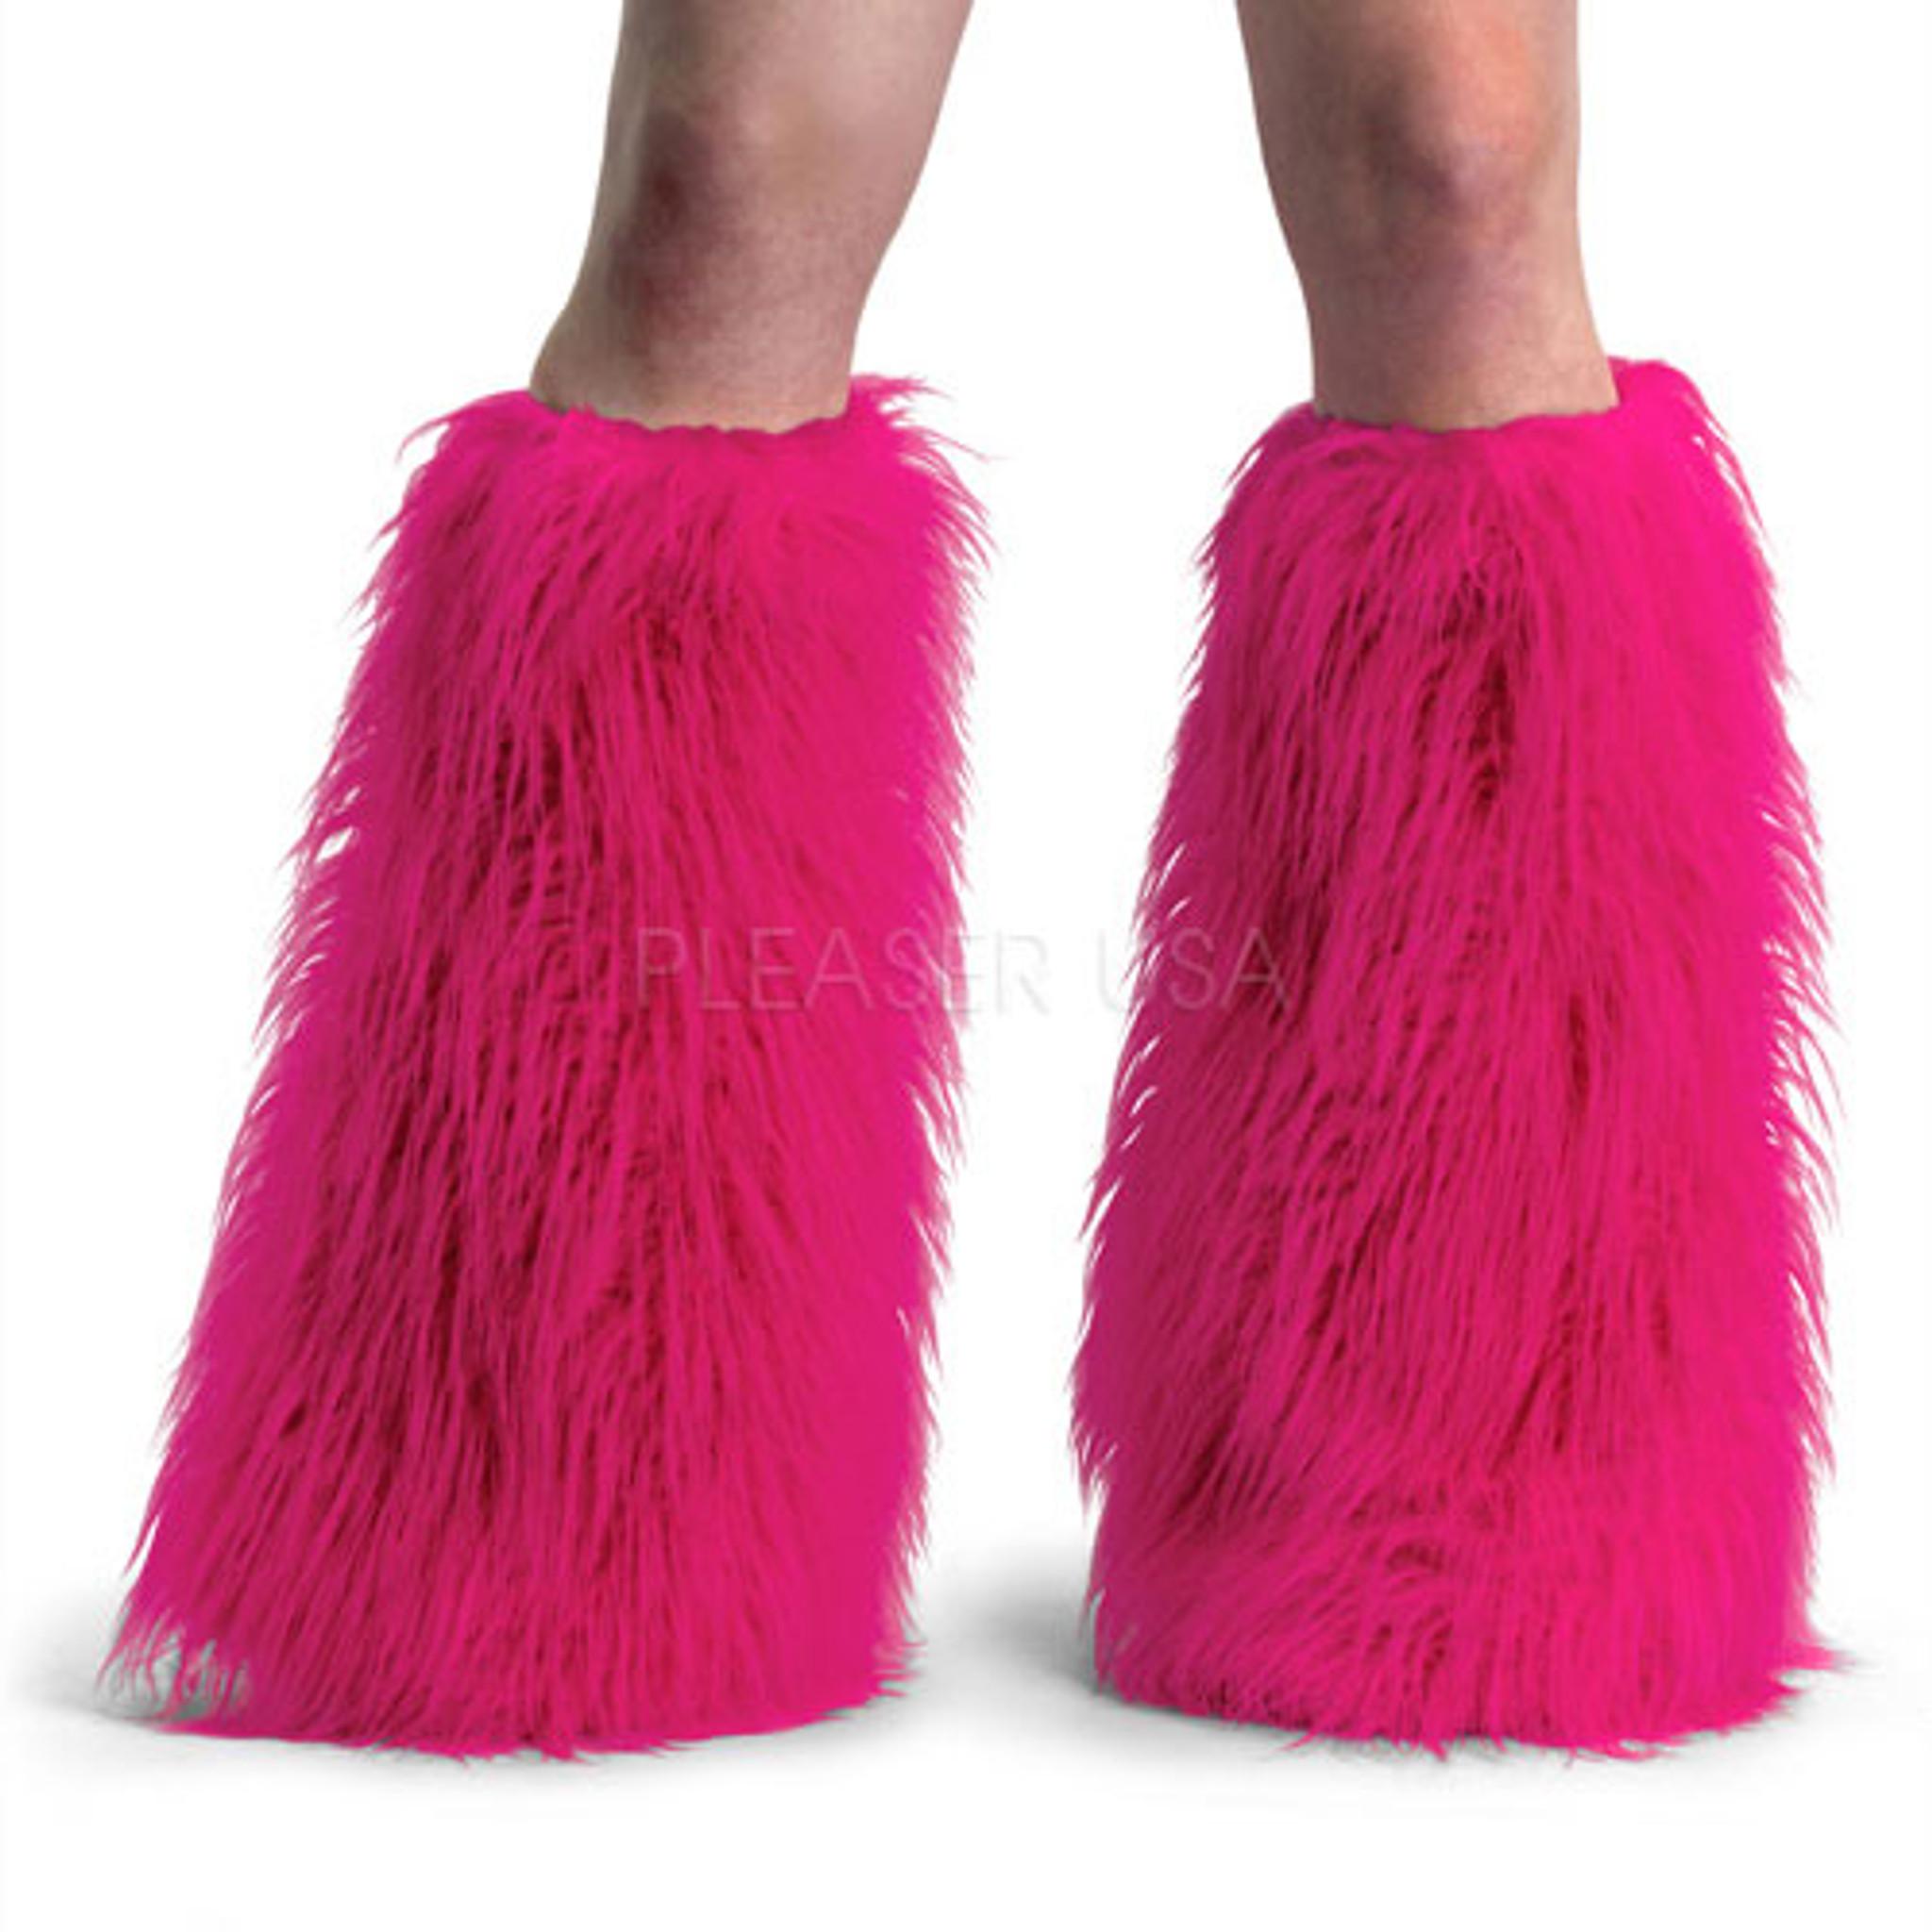 Purple Furry Leg Warmers One Size